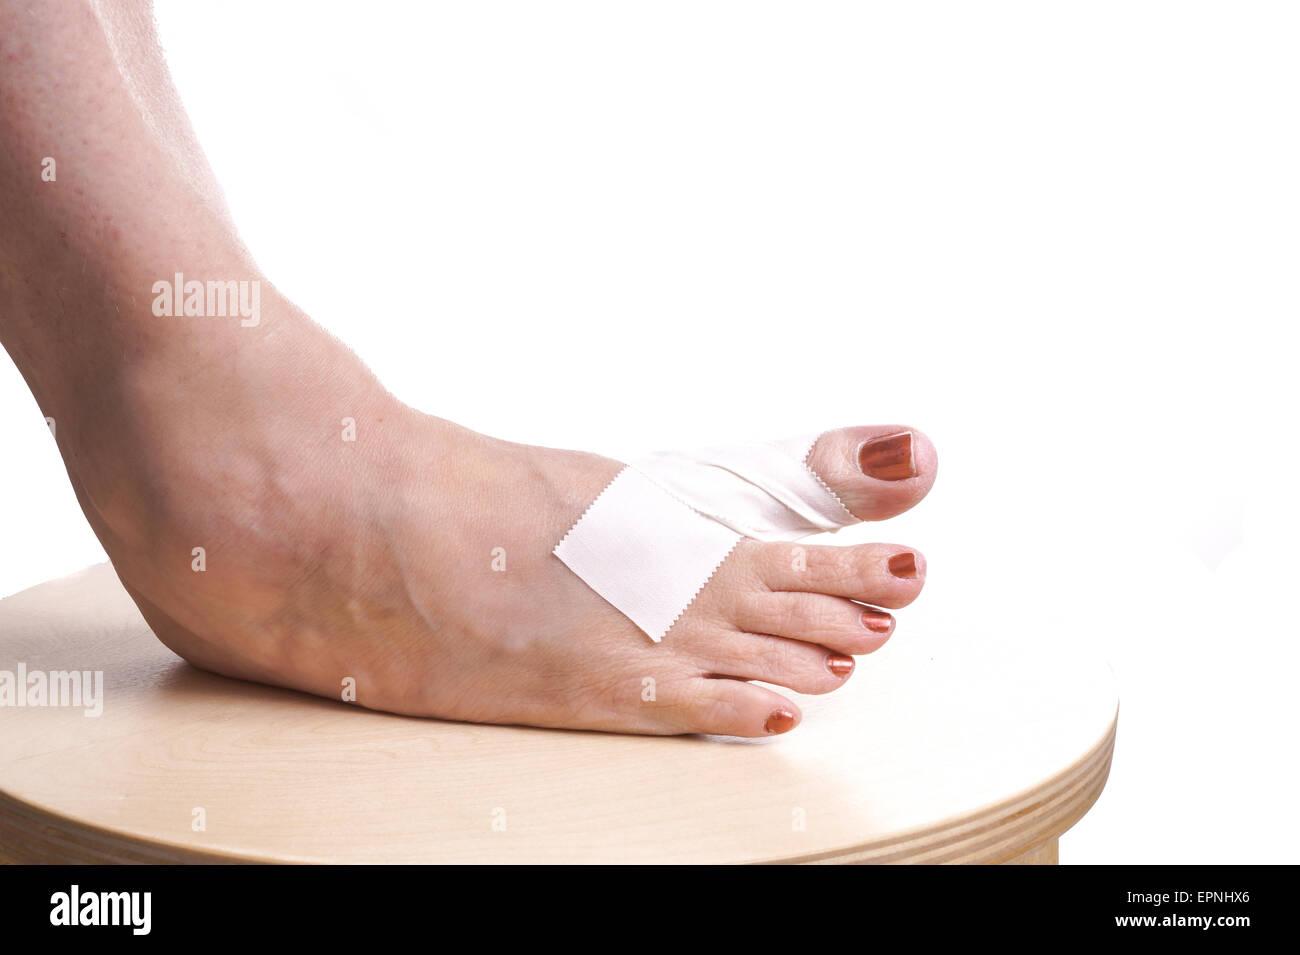 Schön Anatomie Des Fußes Und Knöchelverletzungen Galerie - Anatomie ...